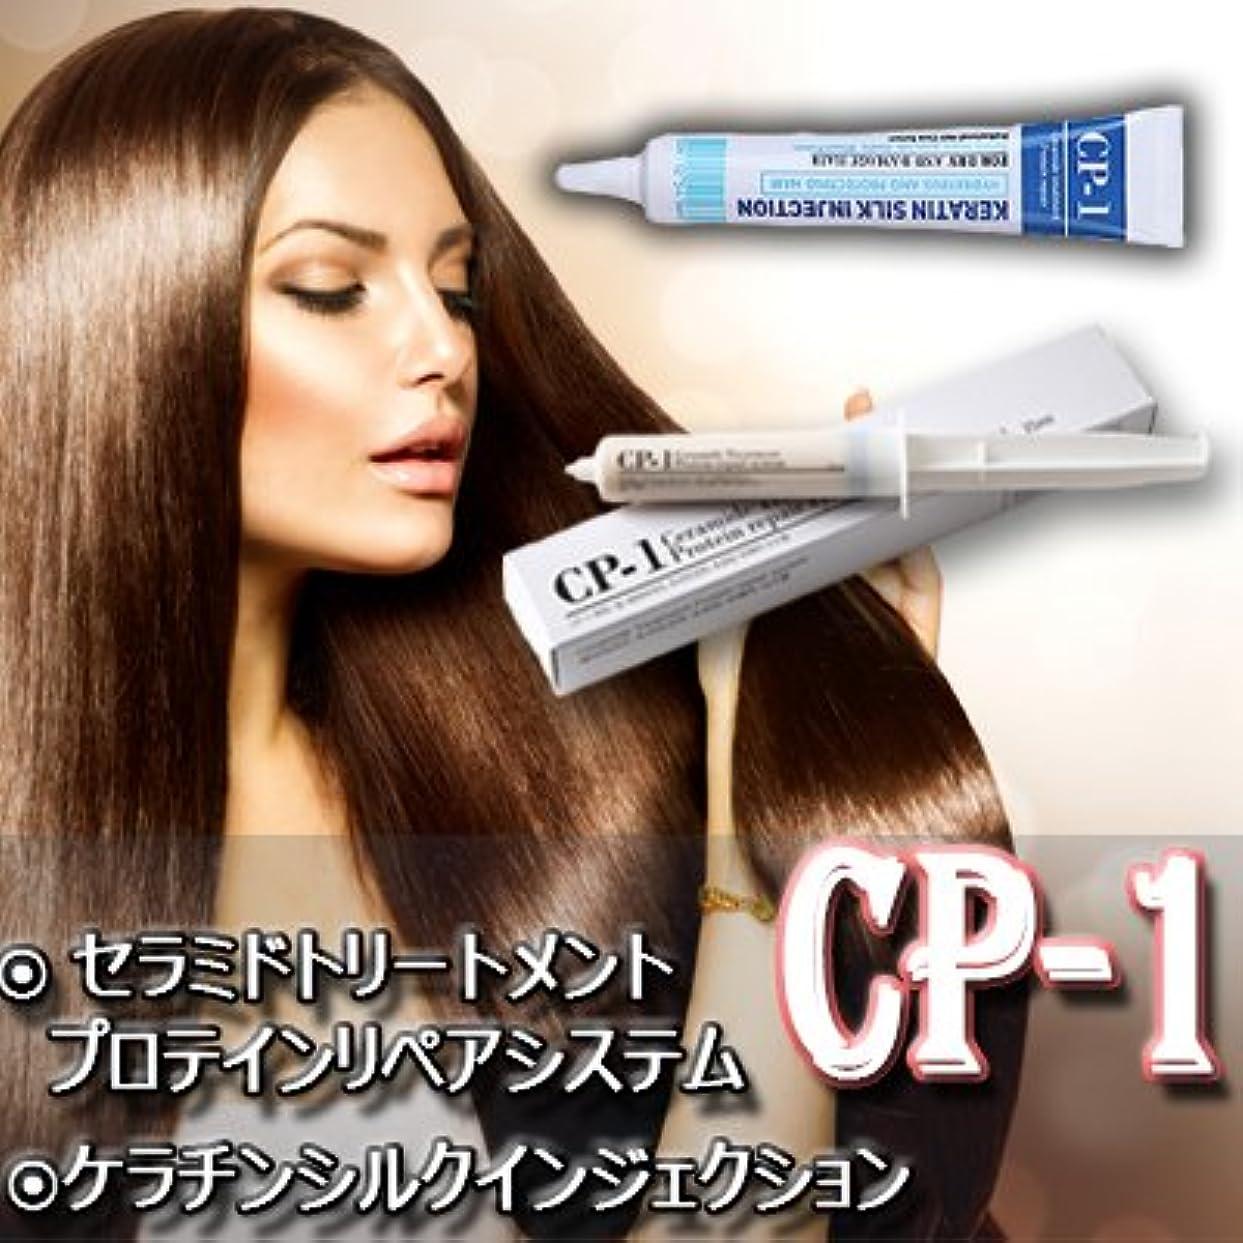 興奮するずっと過剰[CP-1 Keratin 10pcs 1タンパク質アンプル] 洗いながすことなく塗るだけOK!毎日使用してください!【10個入り】